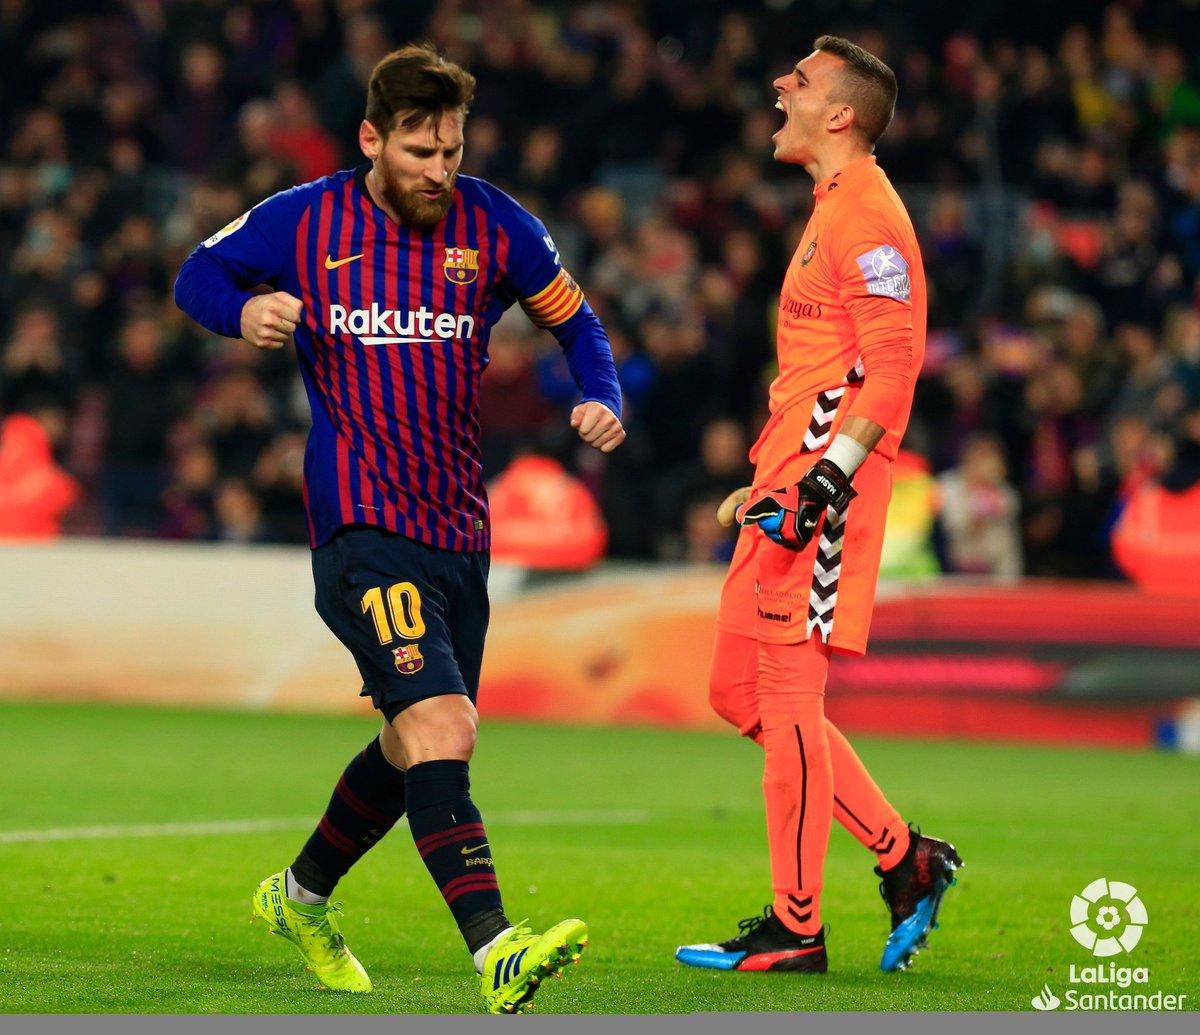 #LaLiga | #BarçaRealValladolid  Un pénalty signé Léo Messi et le Barça s'impose 1-0 face à Valladolid ! Les Catalans poursuivent leur chemin en tête. 🔝